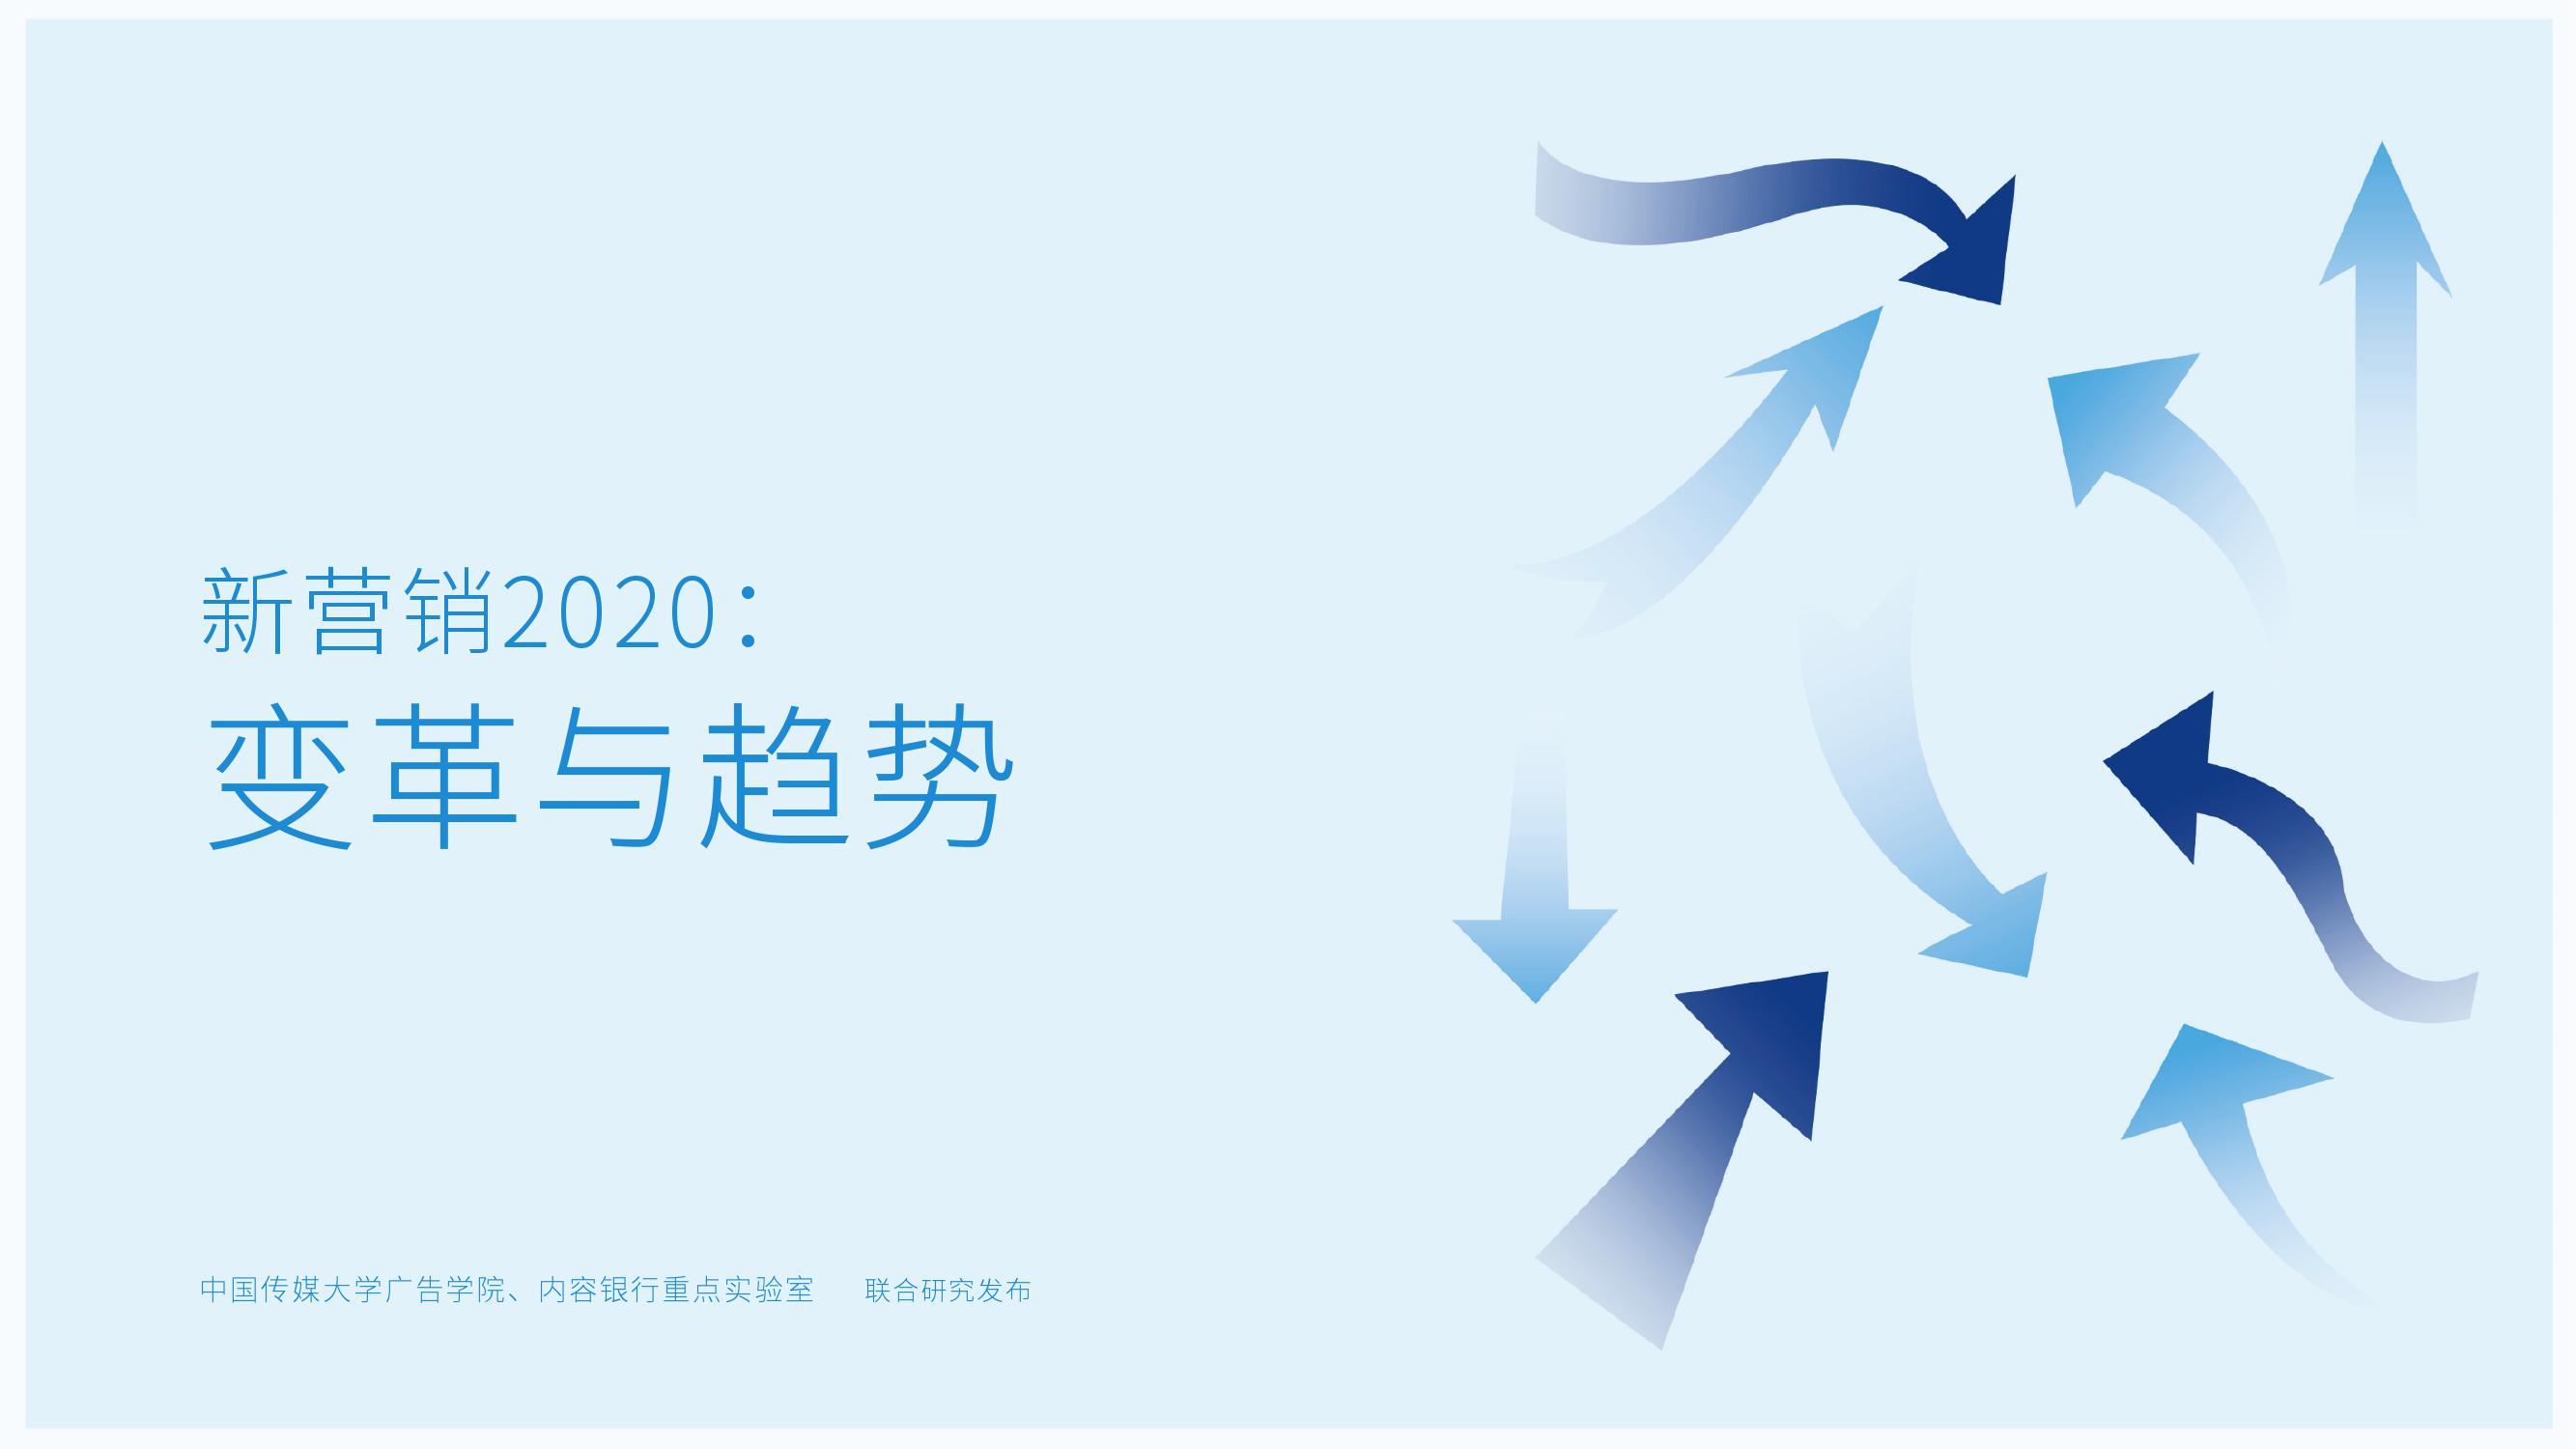 新营销2020:变革与趋势(附下载)